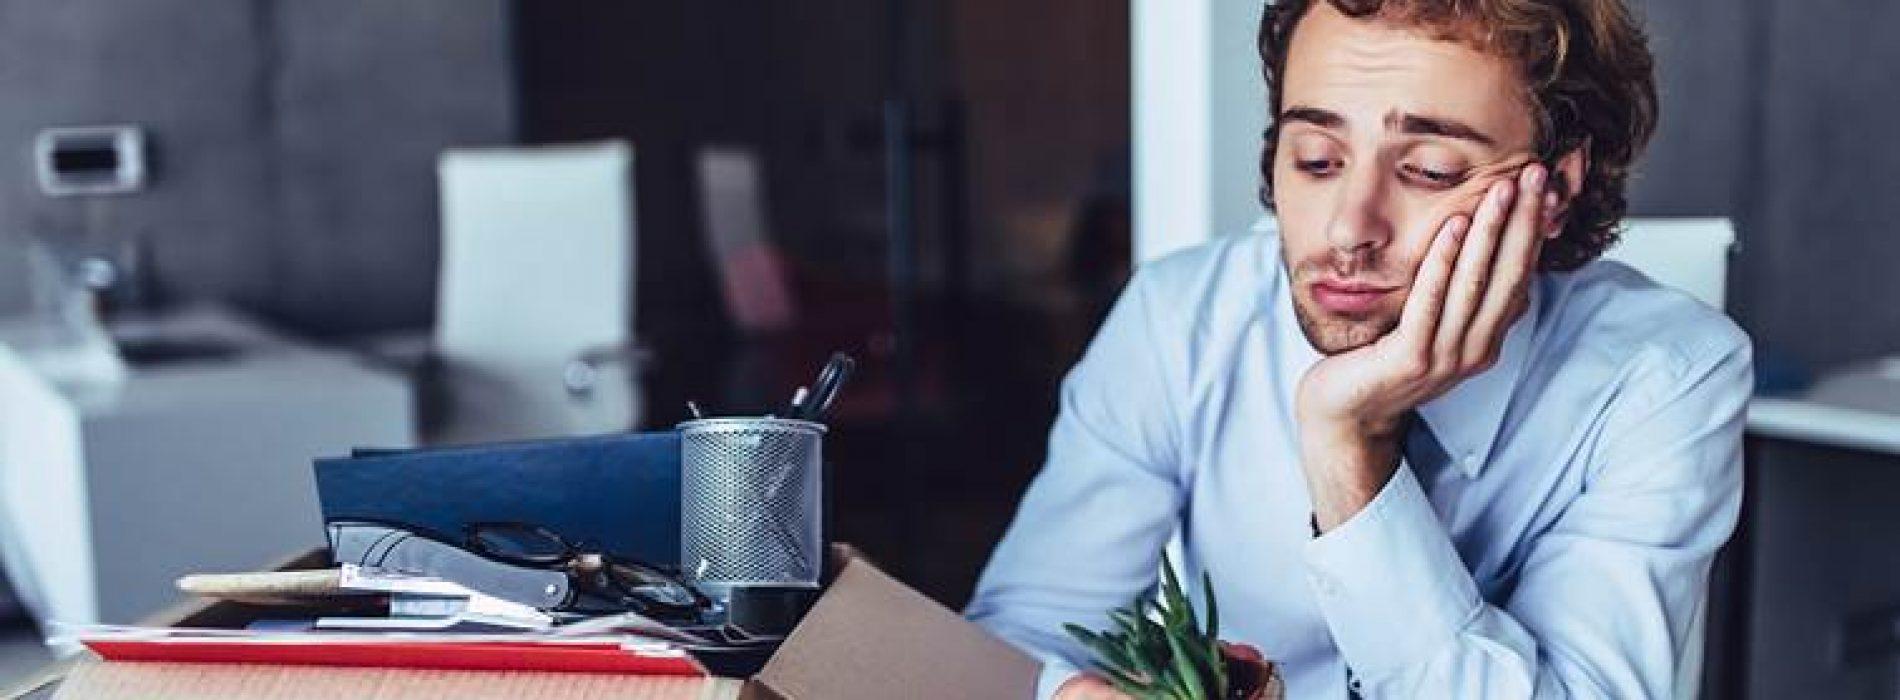 Очаквана срещу реална заплата – какво да имате предвид при смяна на работата?